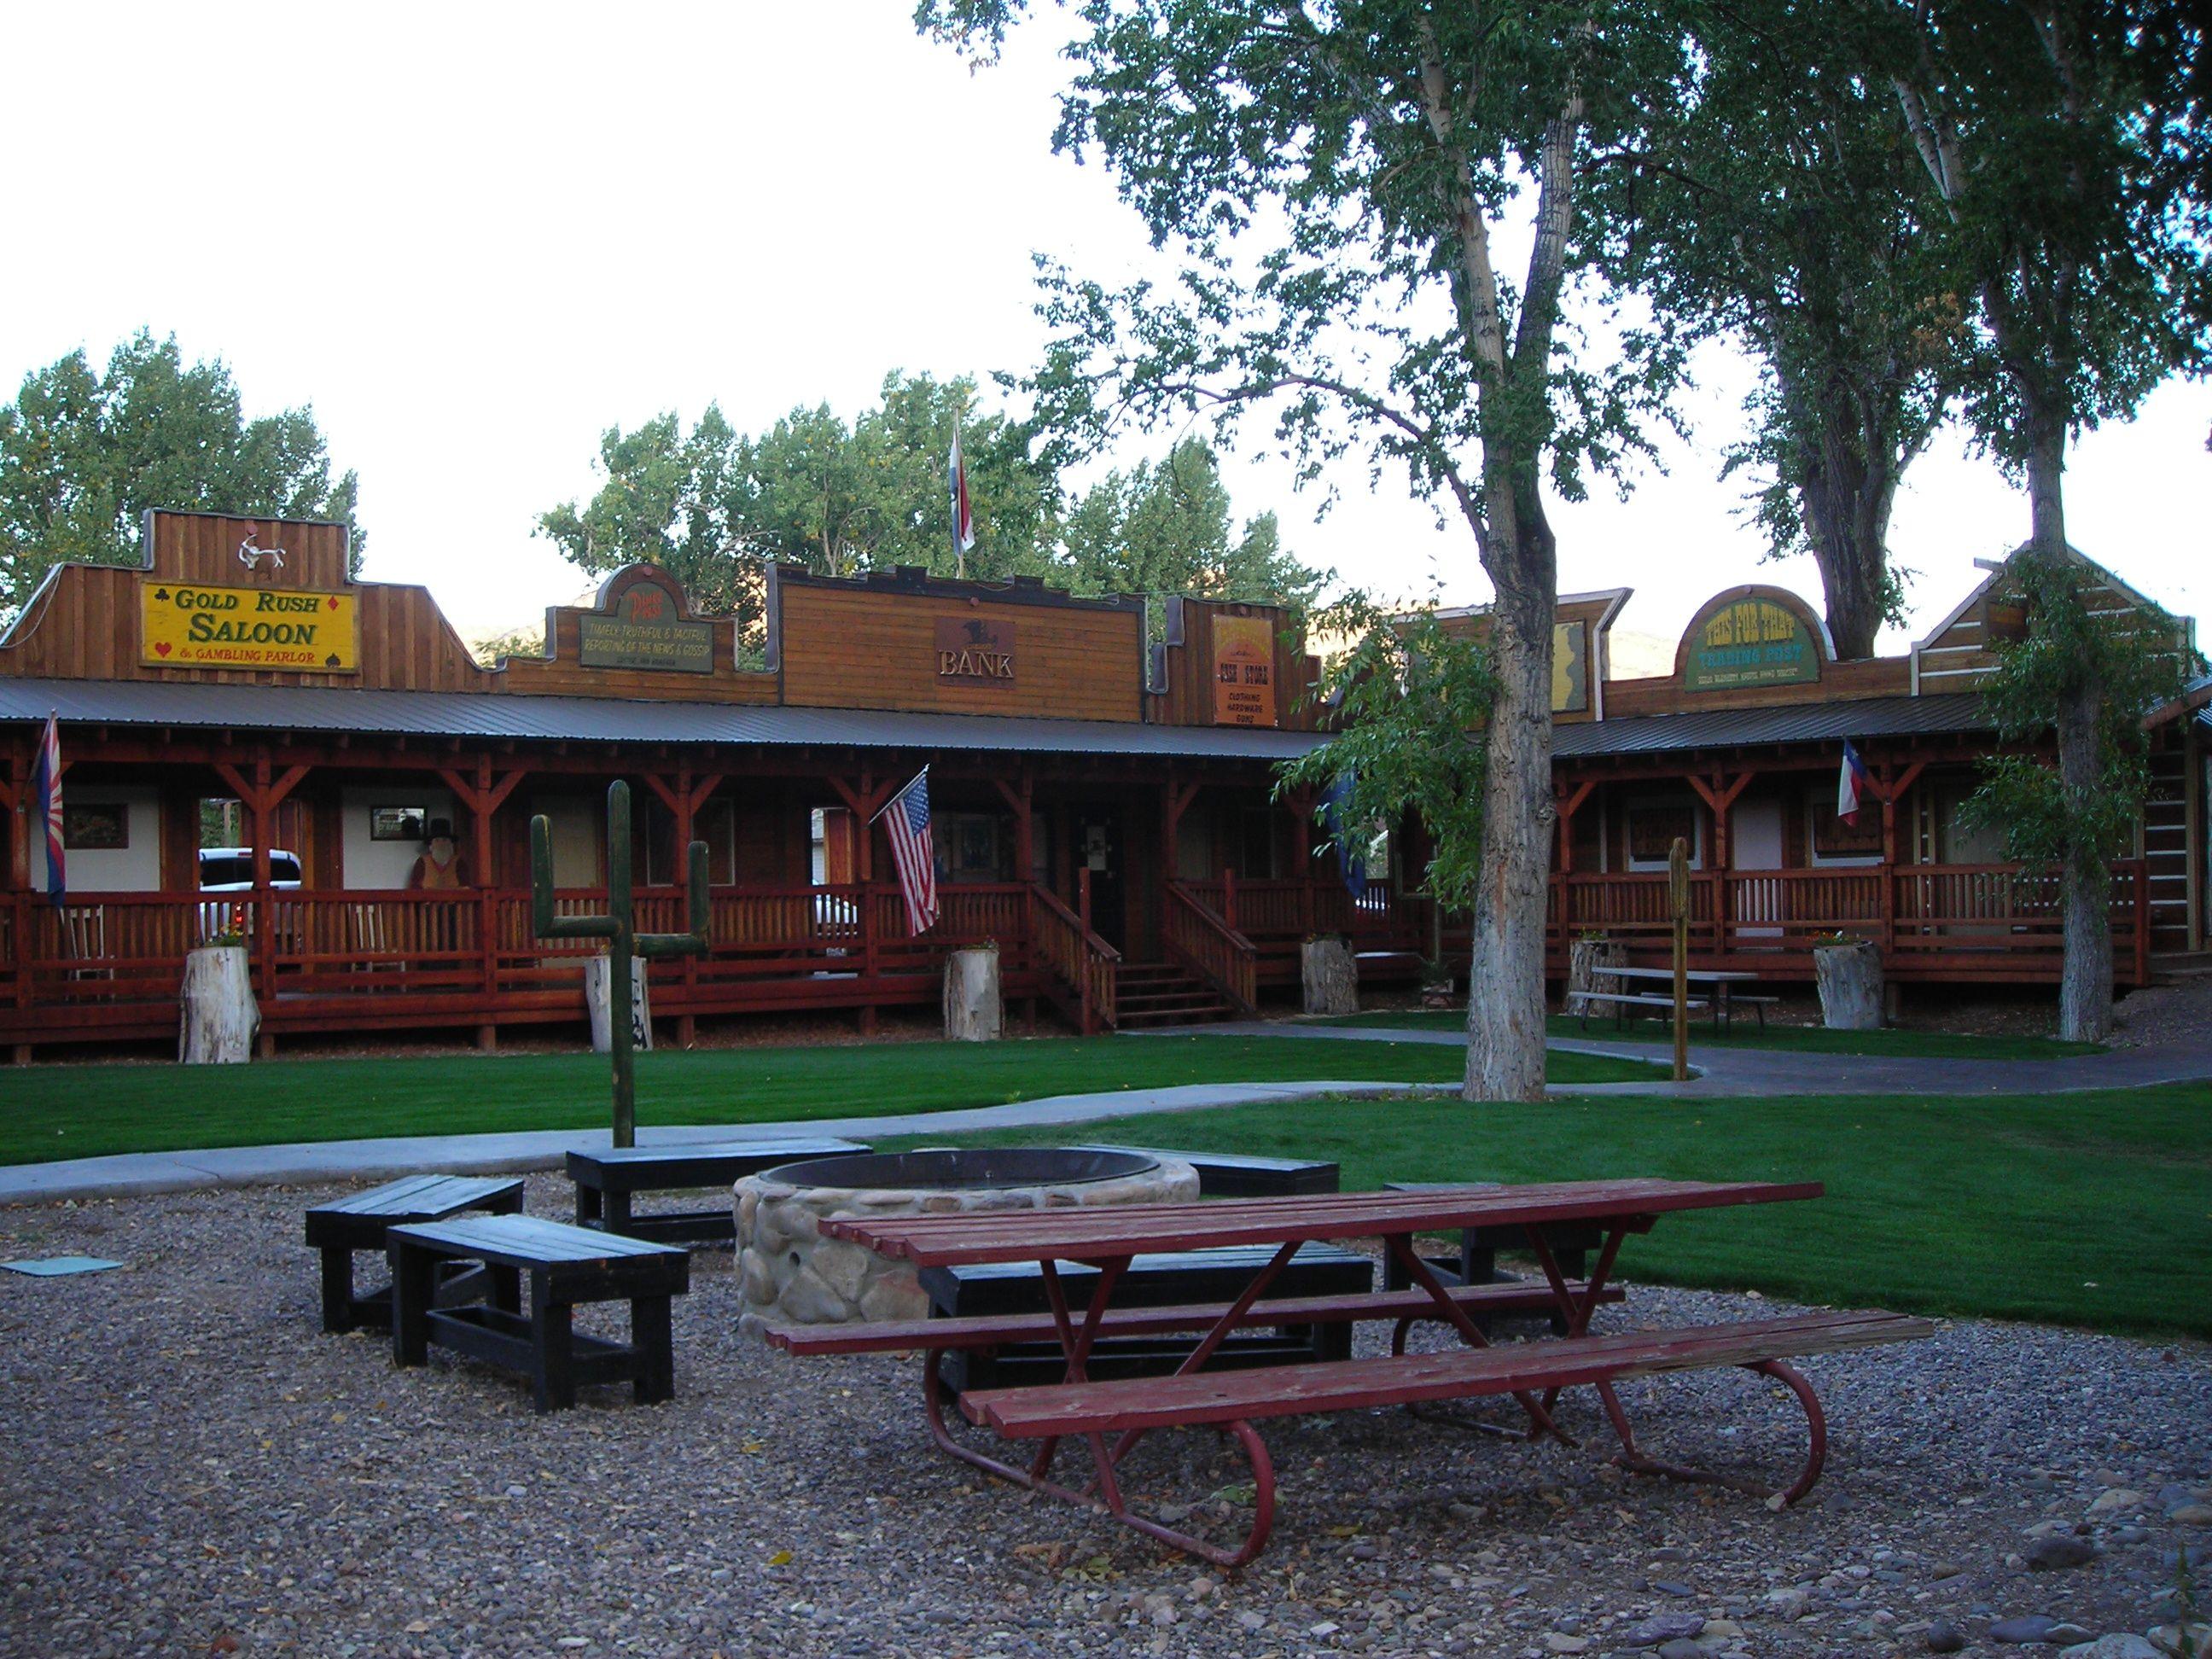 moore's old pine inn - marysville, utah bed and breakfast - has